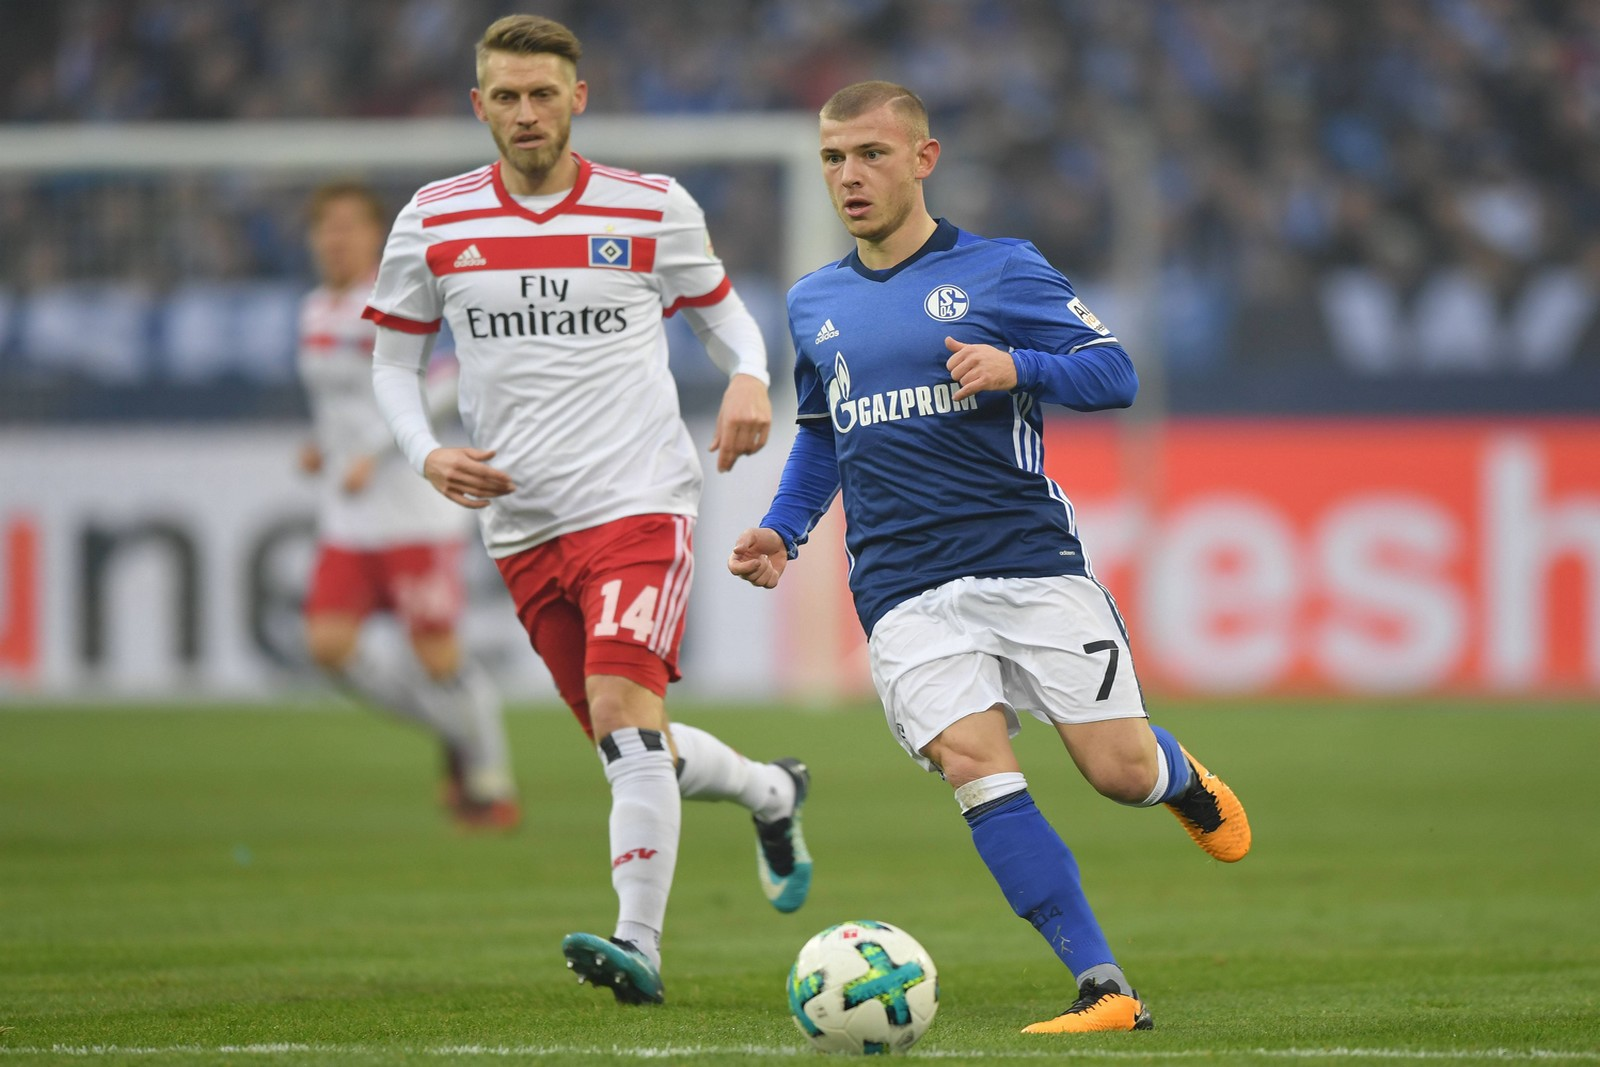 Aaron Hunt vom Hamburger SV verfolgt Max Meyer von Schalke 04